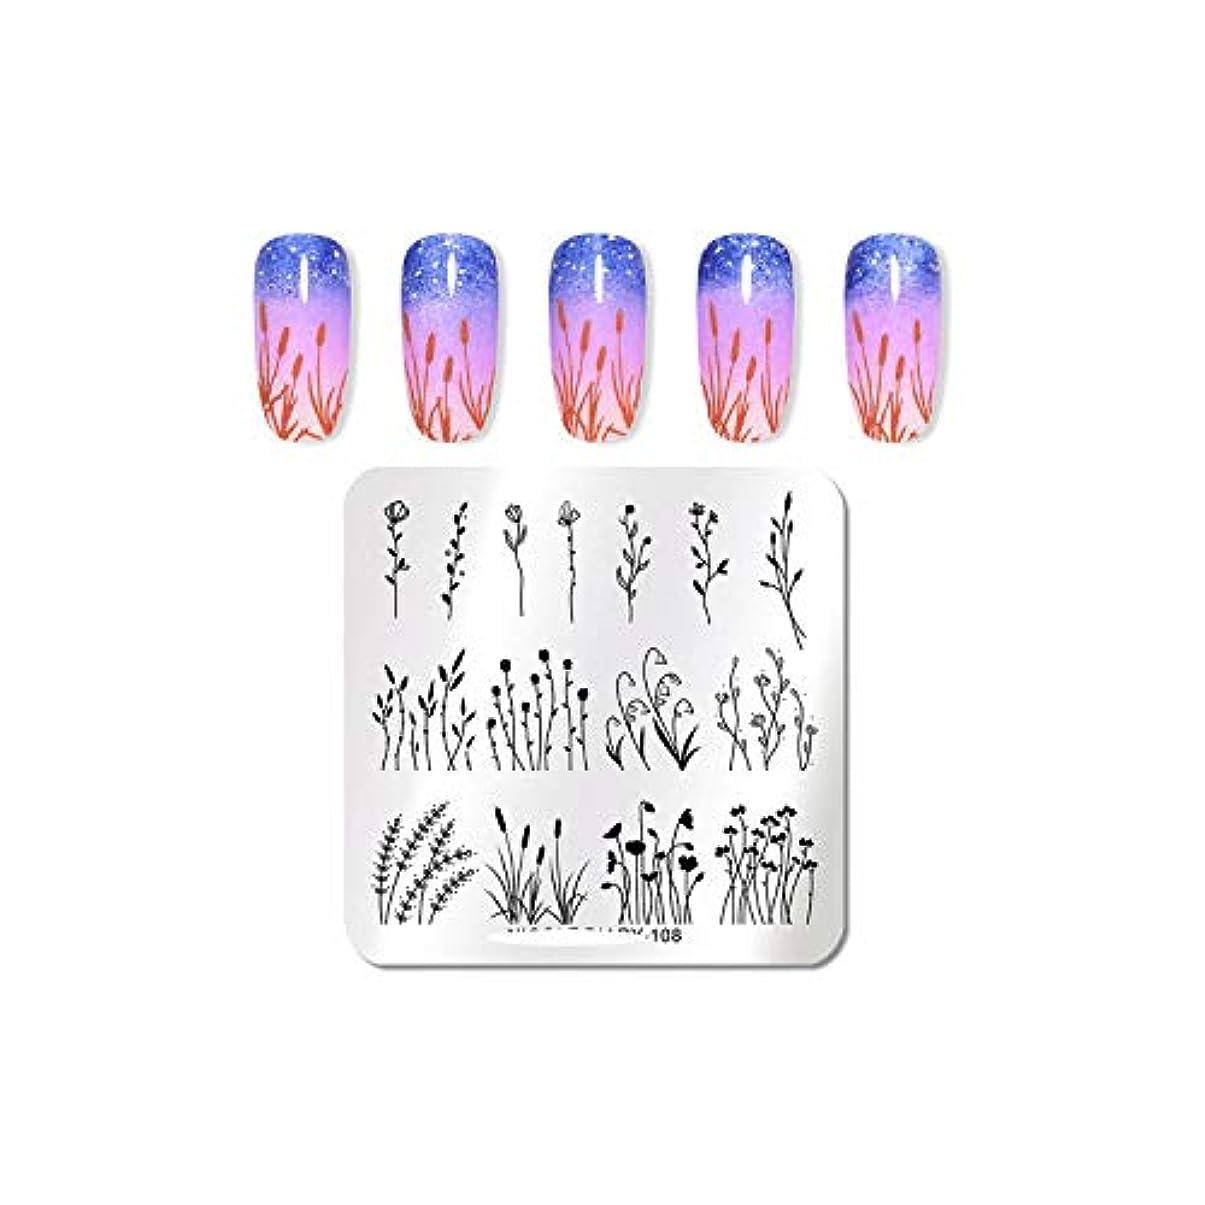 部ジュニアテストAKIROKハロウィンネイルスタンピングプレートフラワースネークスキンネイルテンプレートスタンプネイルアートスタンプ画像テンプレートネイルアートステンシル,ND-108